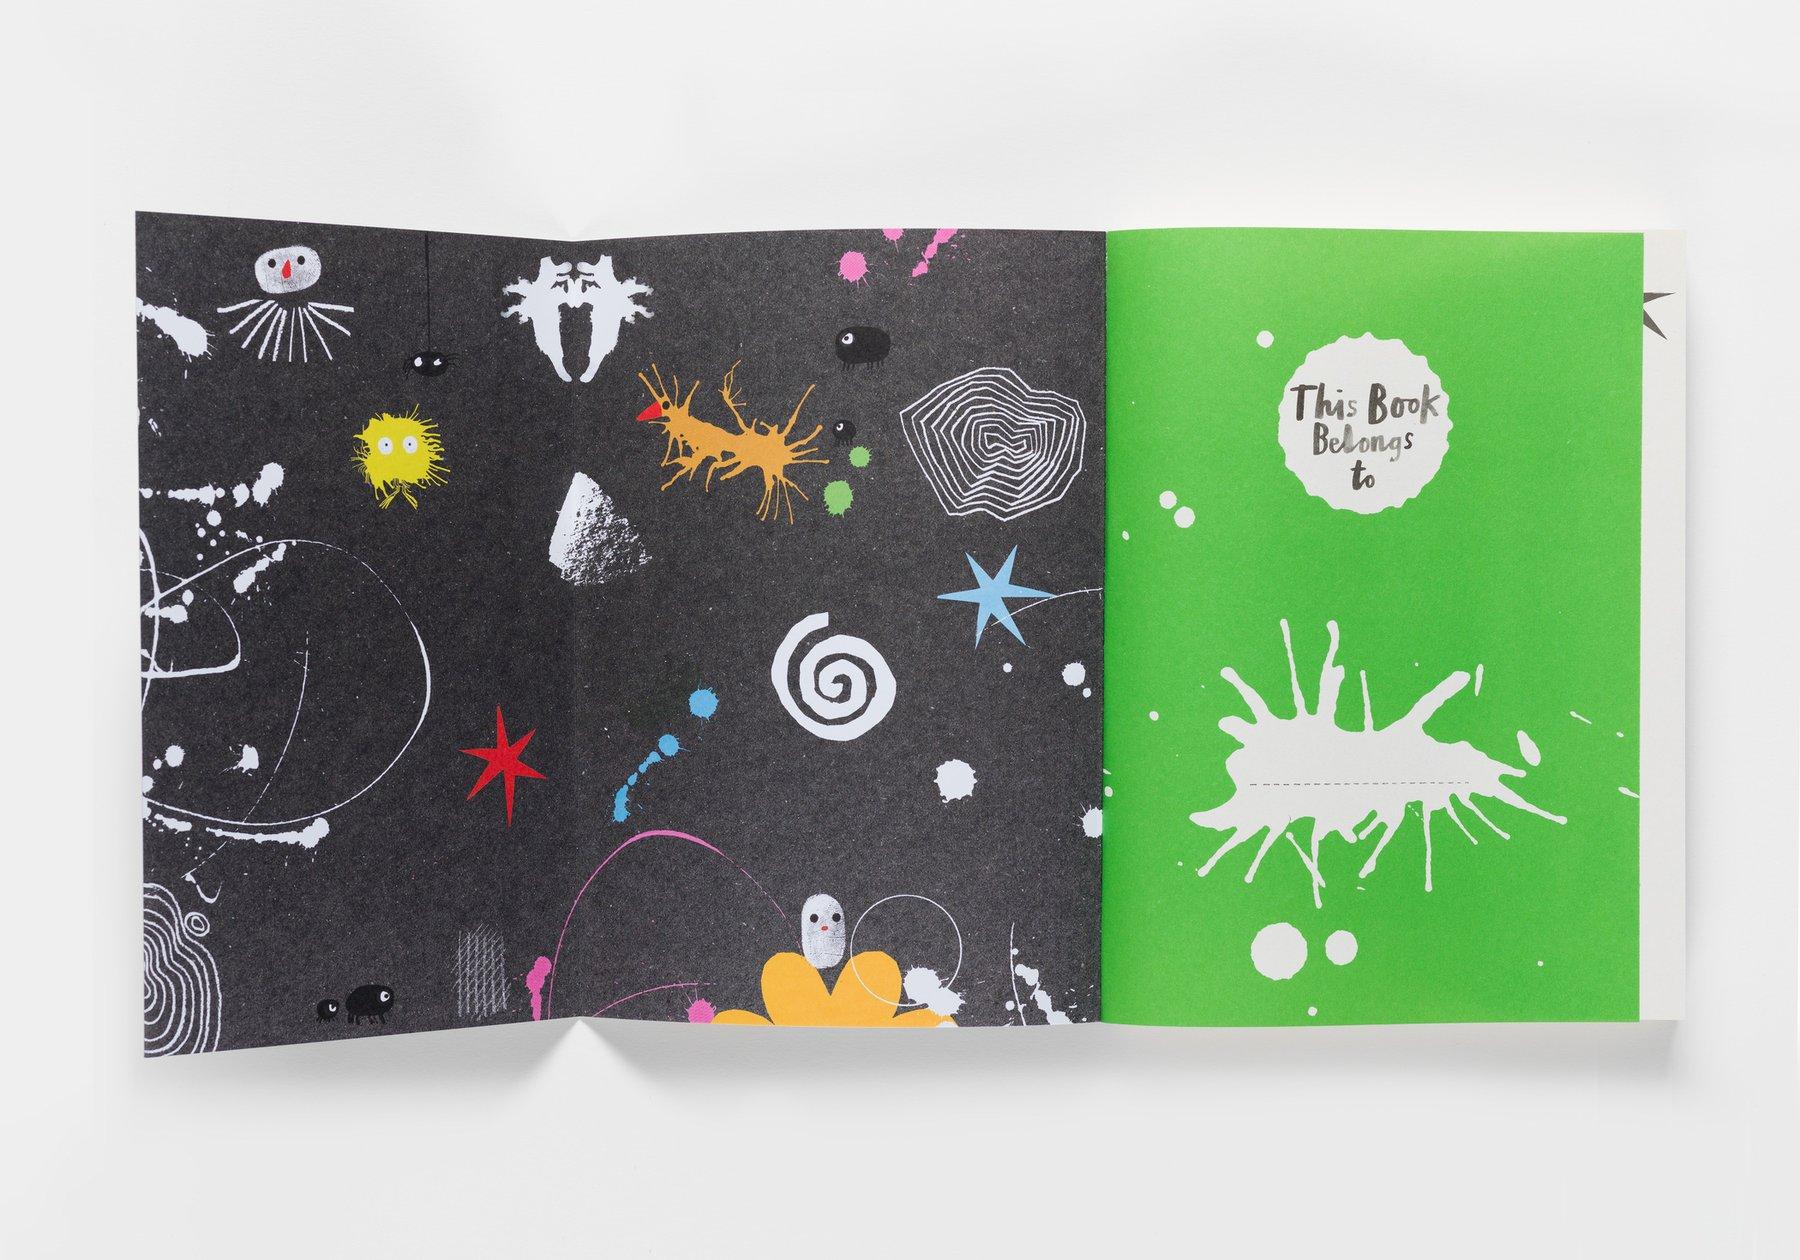 Play Artfully publication inside flap open